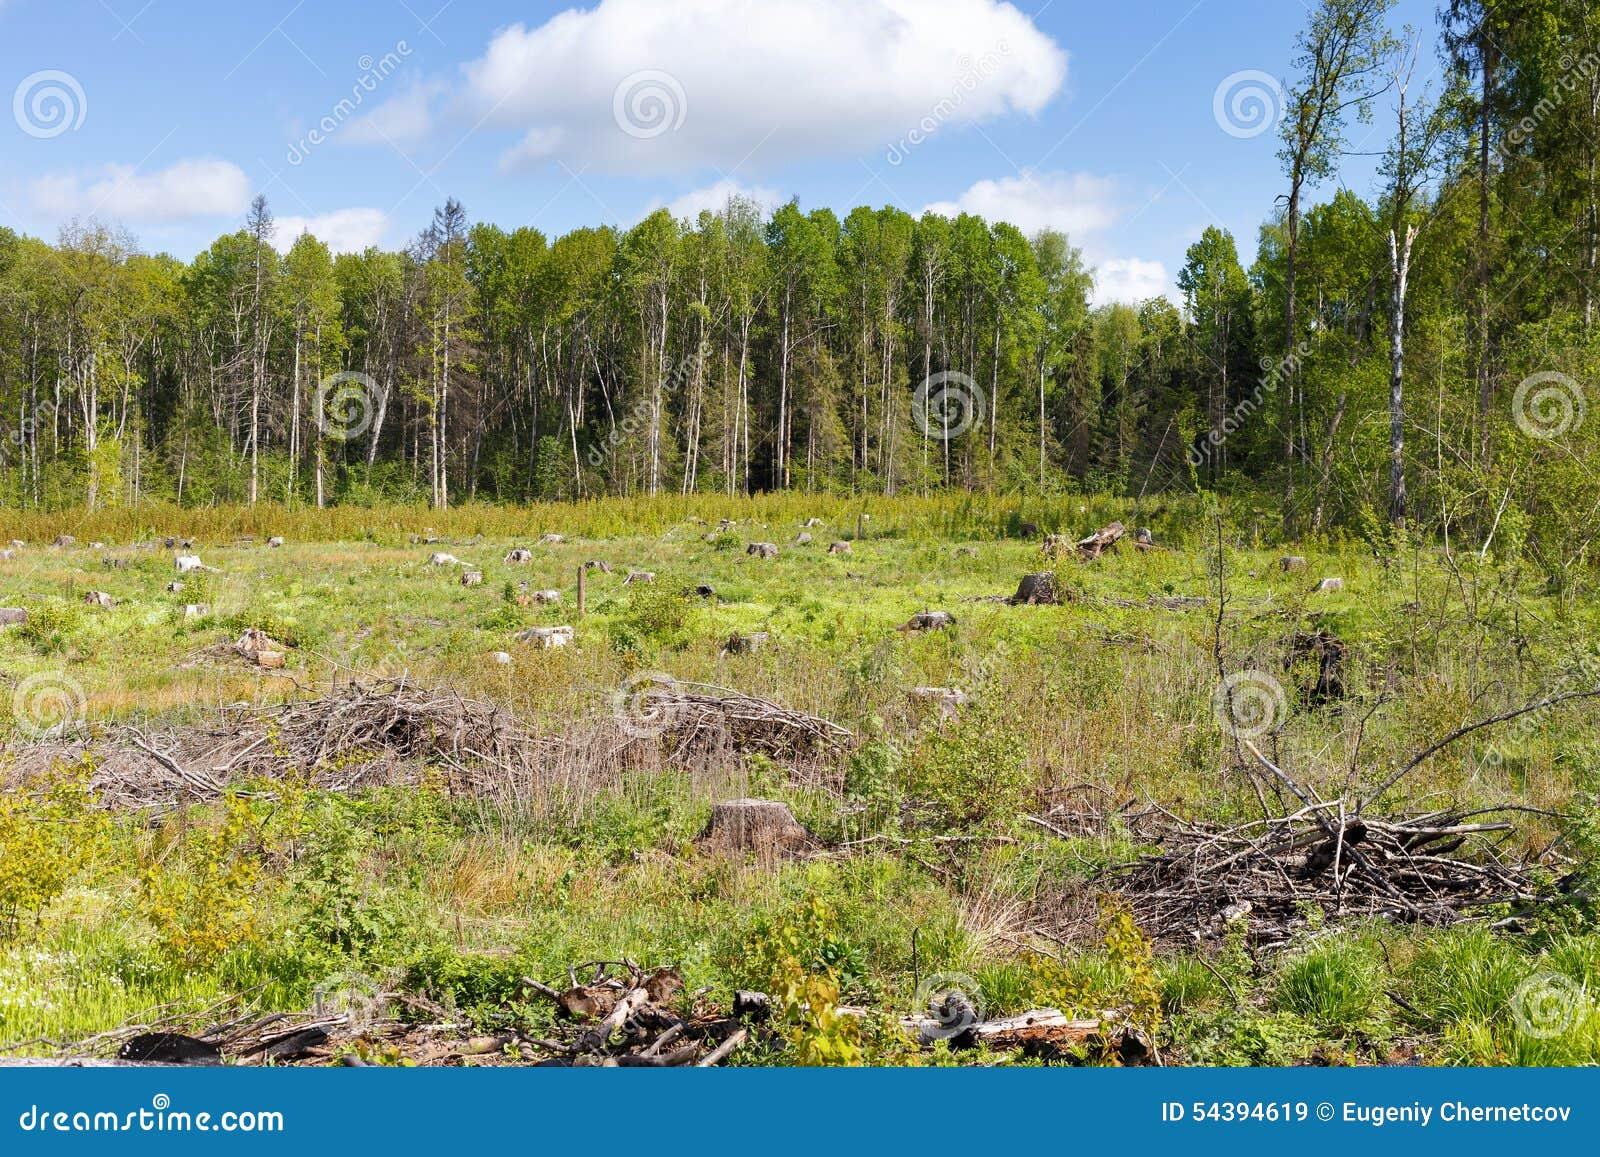 Hout die stomp na ontbossingshout registreren